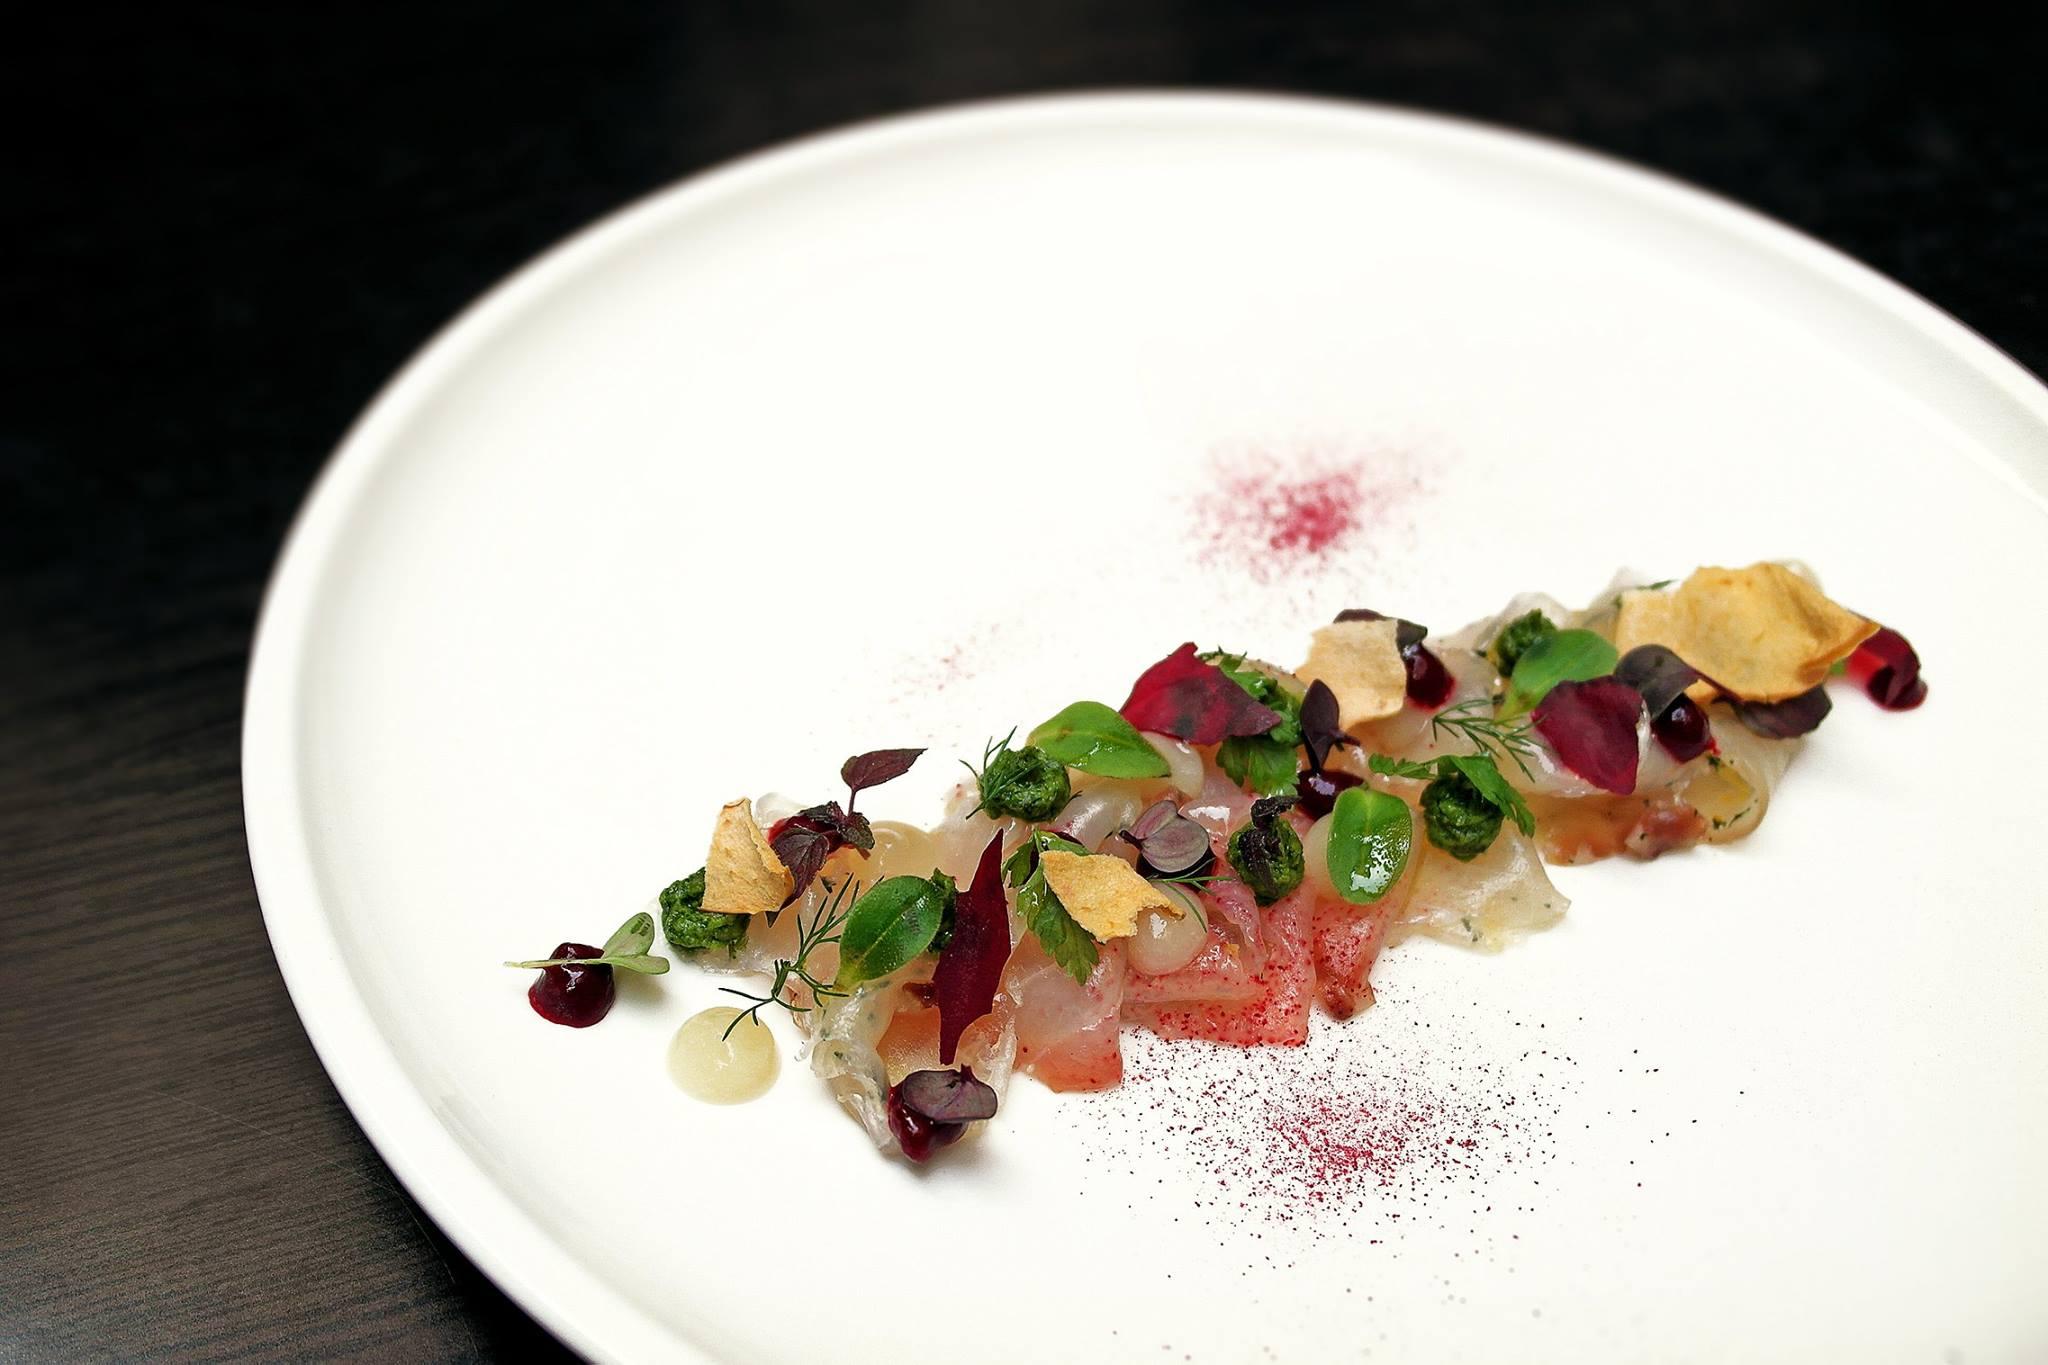 Storione marinato alle erbe, zenzero, soia e succo di rape rosse, salsa verde, mela al rafano.Facebook/Il Chiostro di Andrea